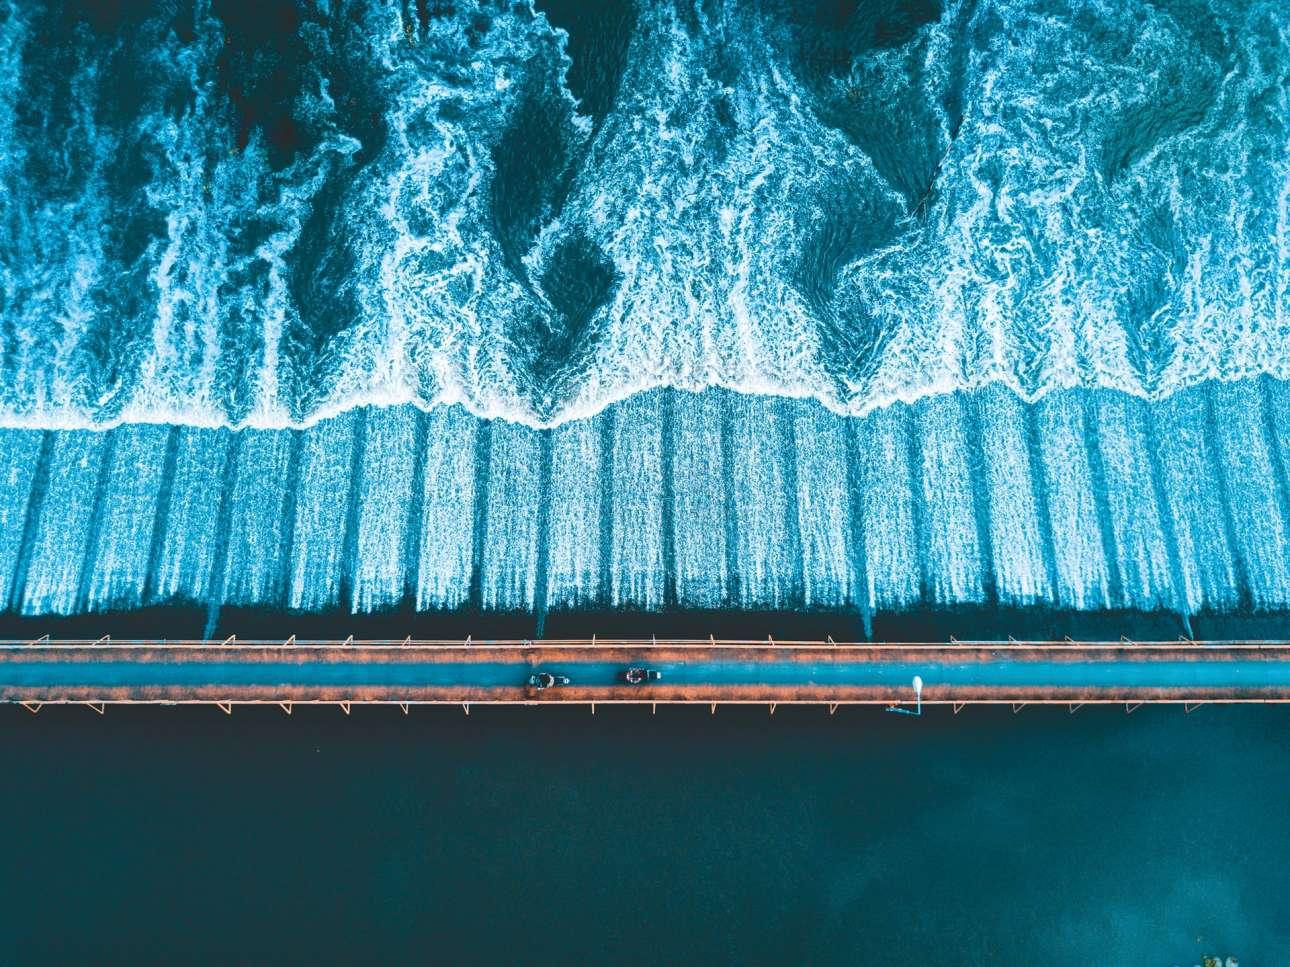 «Θέα από Ψηλά». Ηλιοβασίλεμα, ο ποταμός Πινγκ και δύο ντόπιοι που οδηγούν μηχανάκι πάνω στην ειδικά σχεδιασμένη γέφυρα. Οταν ο φωτογράφος συνάντησε αυτή την υπέροχη στιγμή στο Τσιάνγκ Μάι της Ταϊλάνδης, έσπευσε να την απαθανατίσει με το drone του